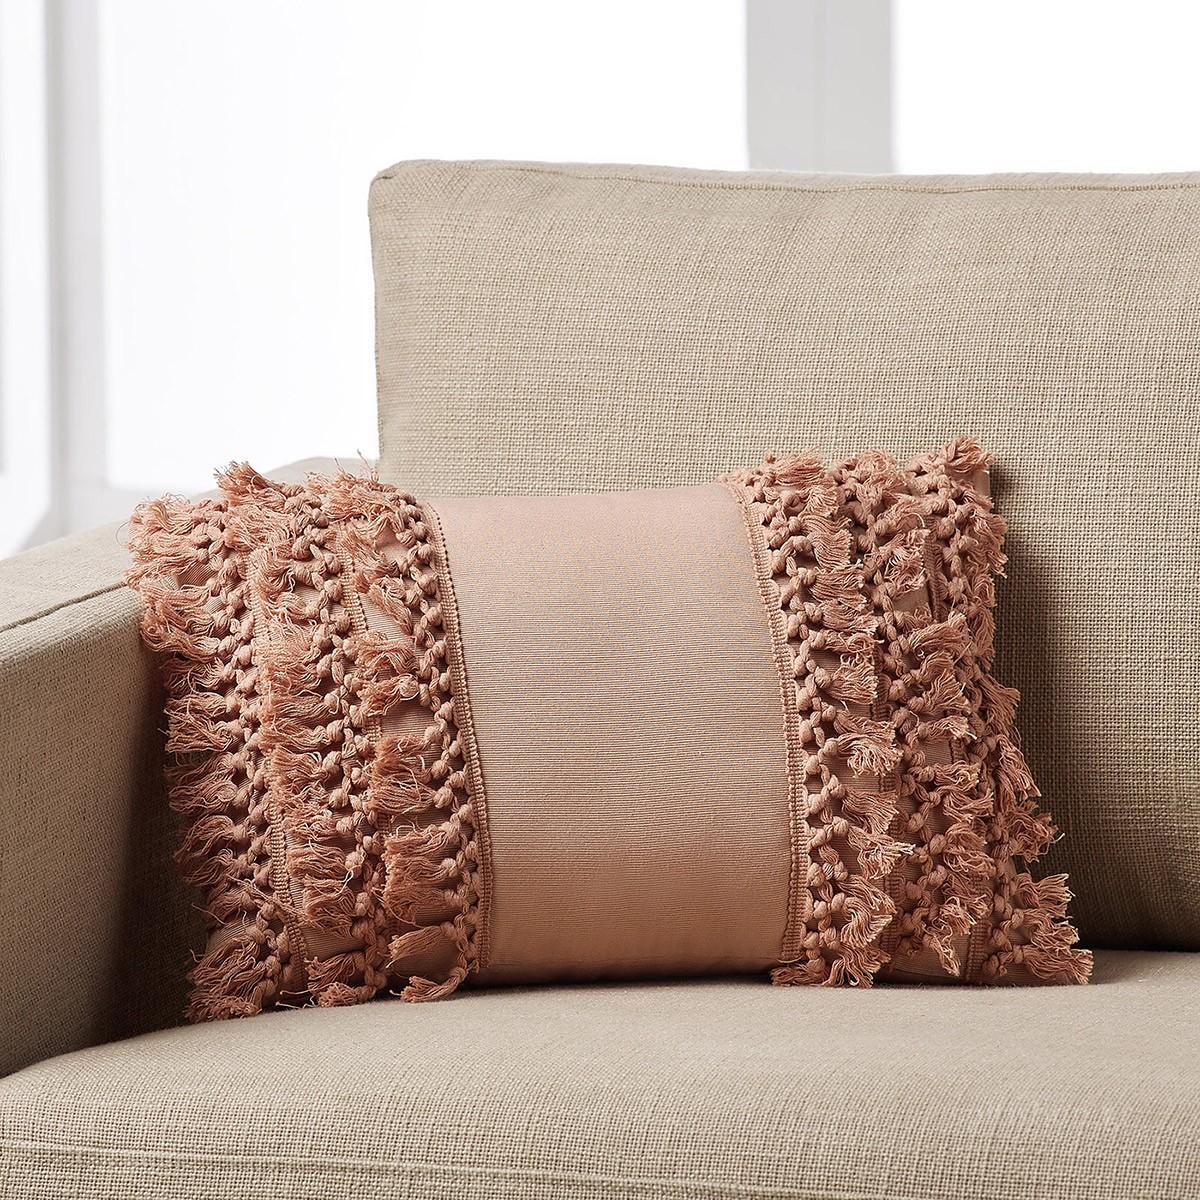 Διακοσμητική Μαξιλαροθήκη Gofis Home Pony Apple 685/25 home   σαλόνι   διακοσμητικά μαξιλάρια